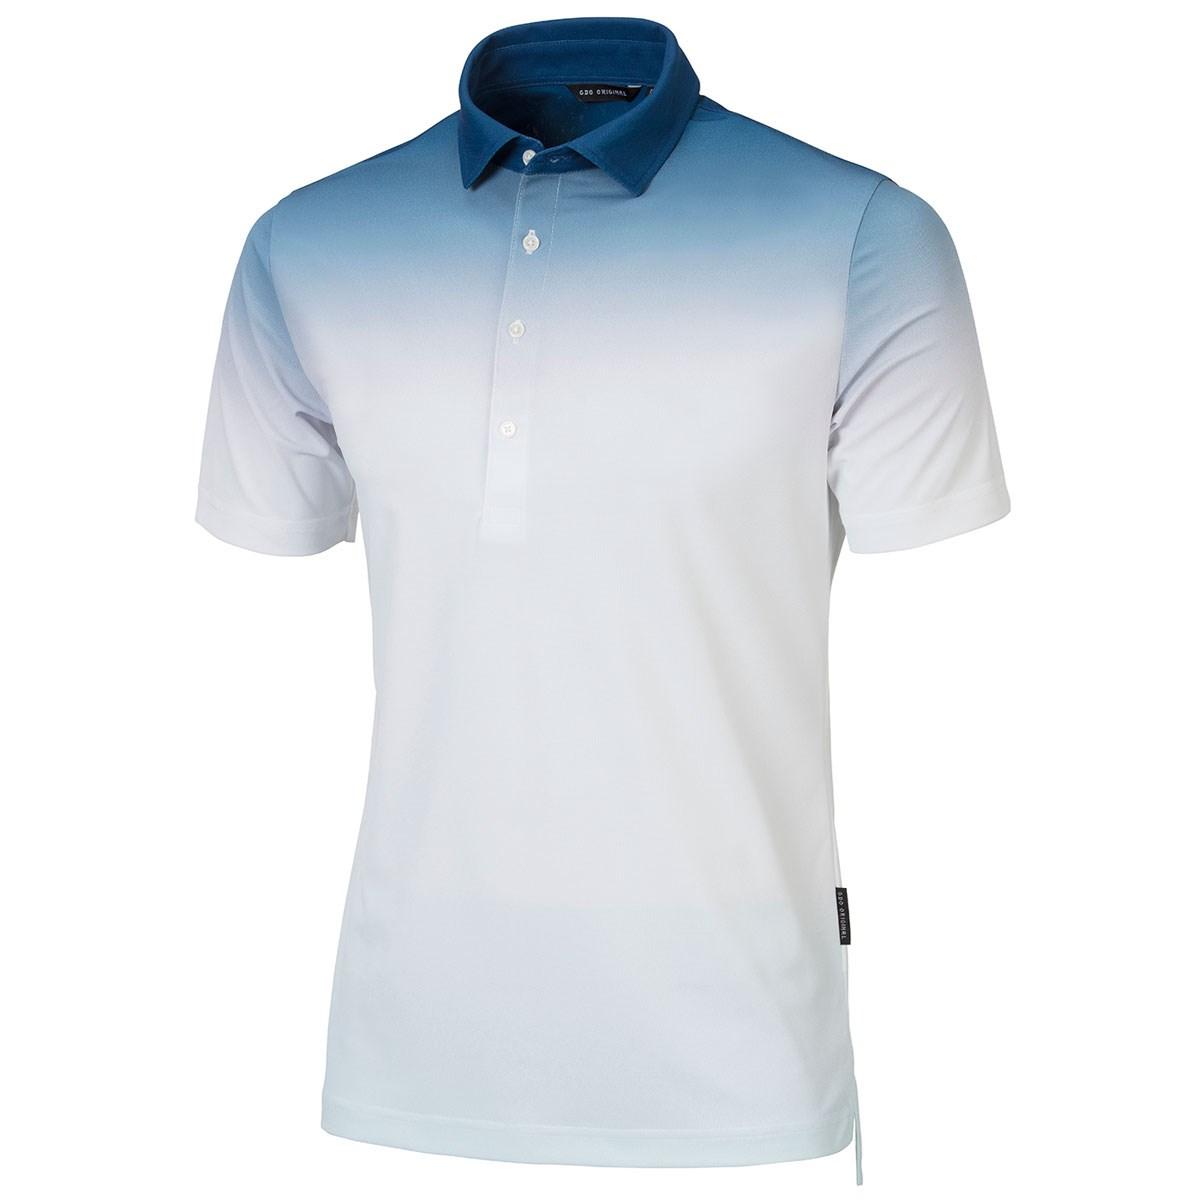 GDO オリジナル GDO ORIGINAL 半袖ゴルフシャツ L グラデーション(ネイビー)